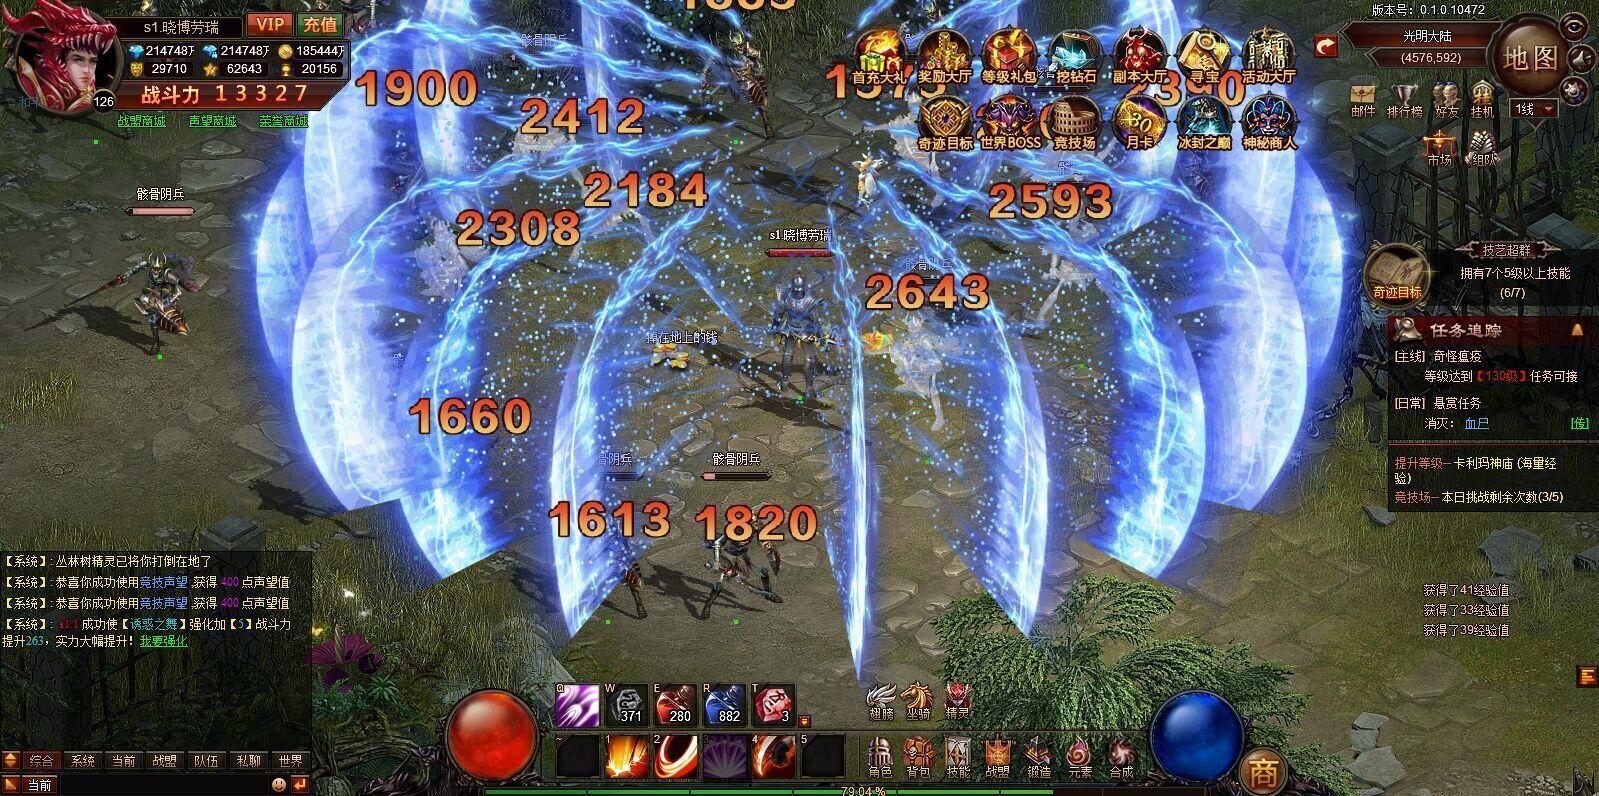 《奇迹之光》游戏截图